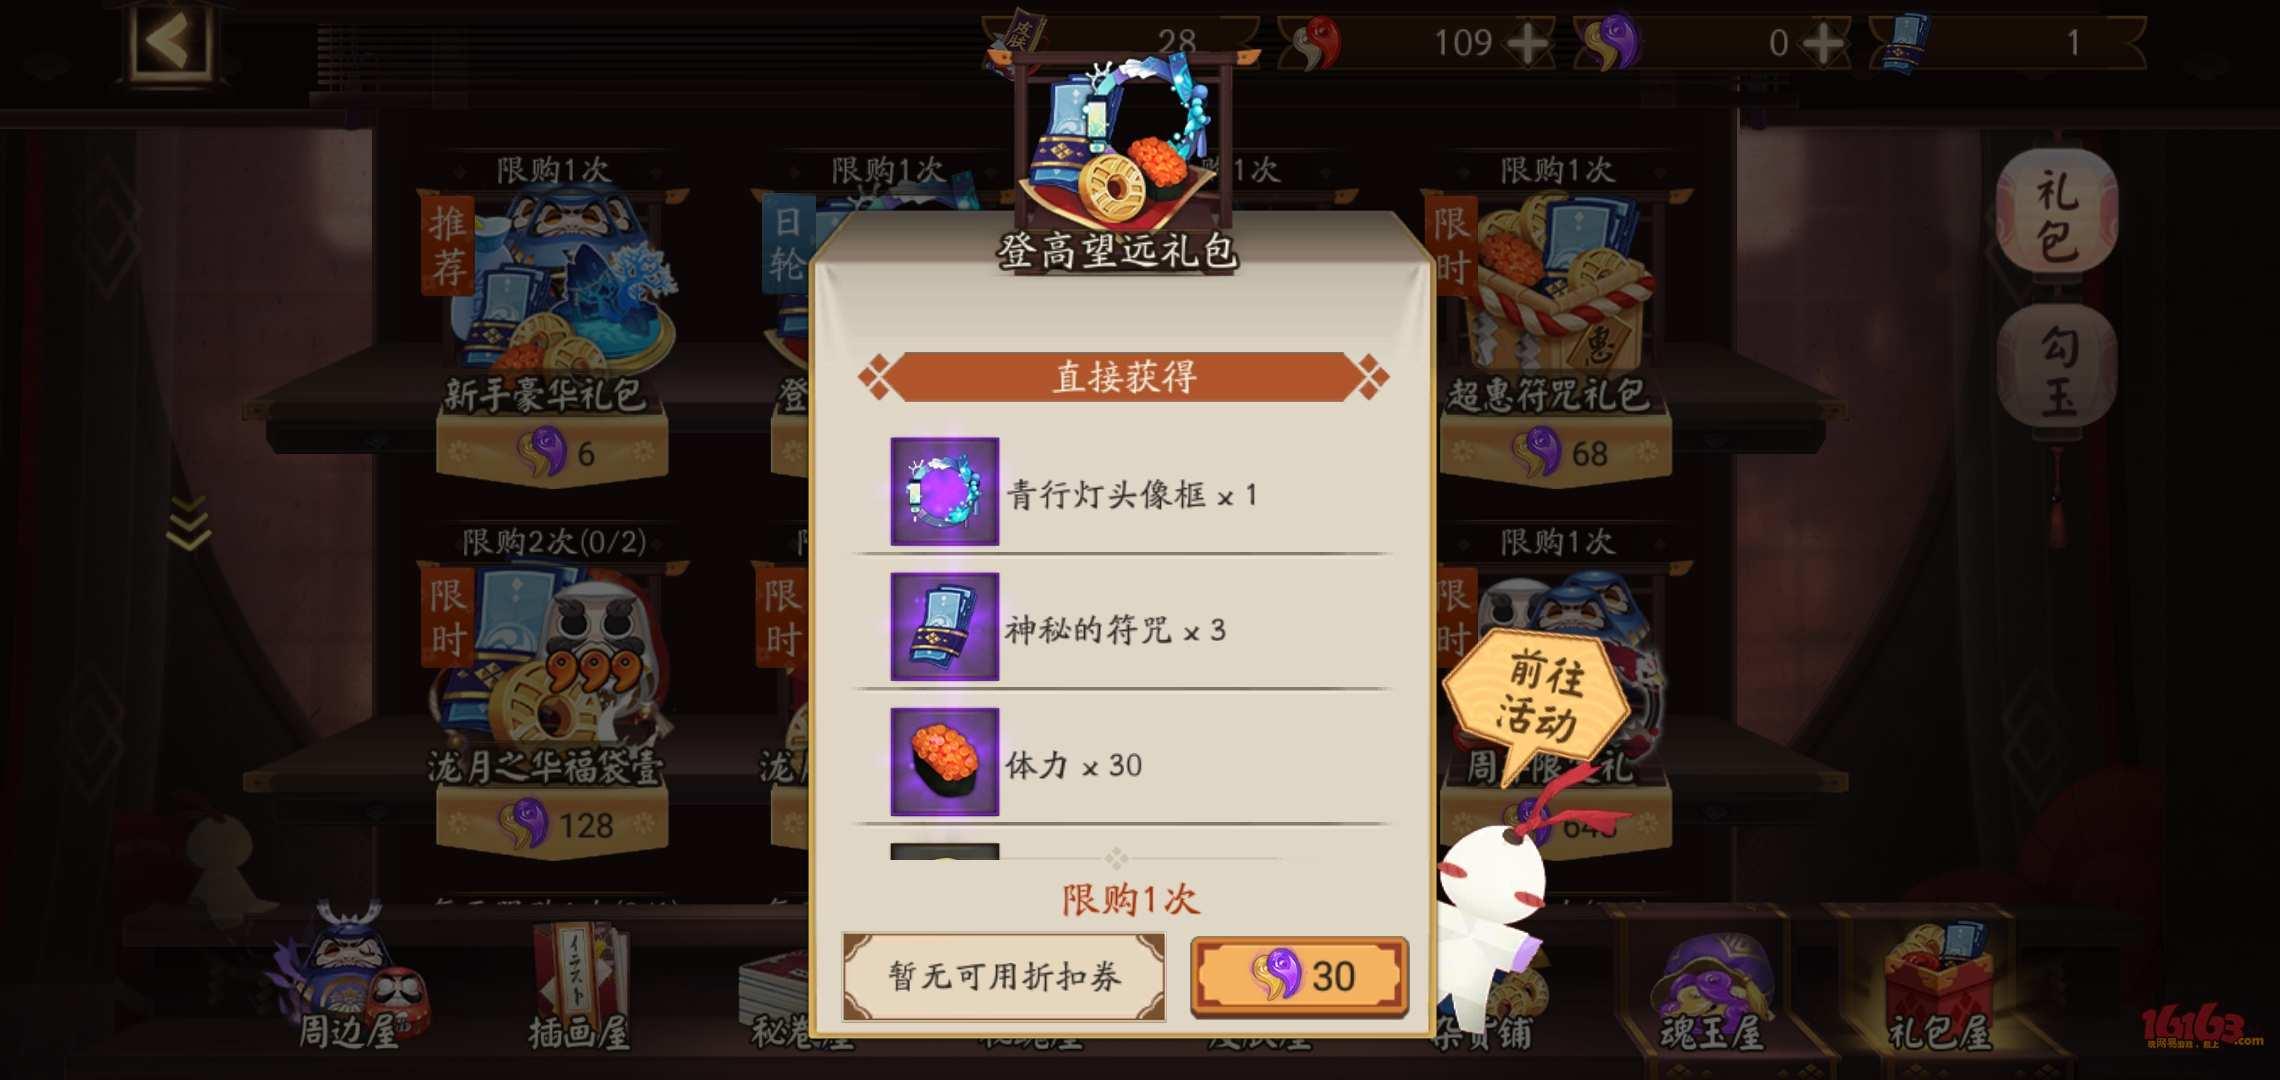 Screenshot_20190920_213735_com.netease.onmyoji.vi.jpg